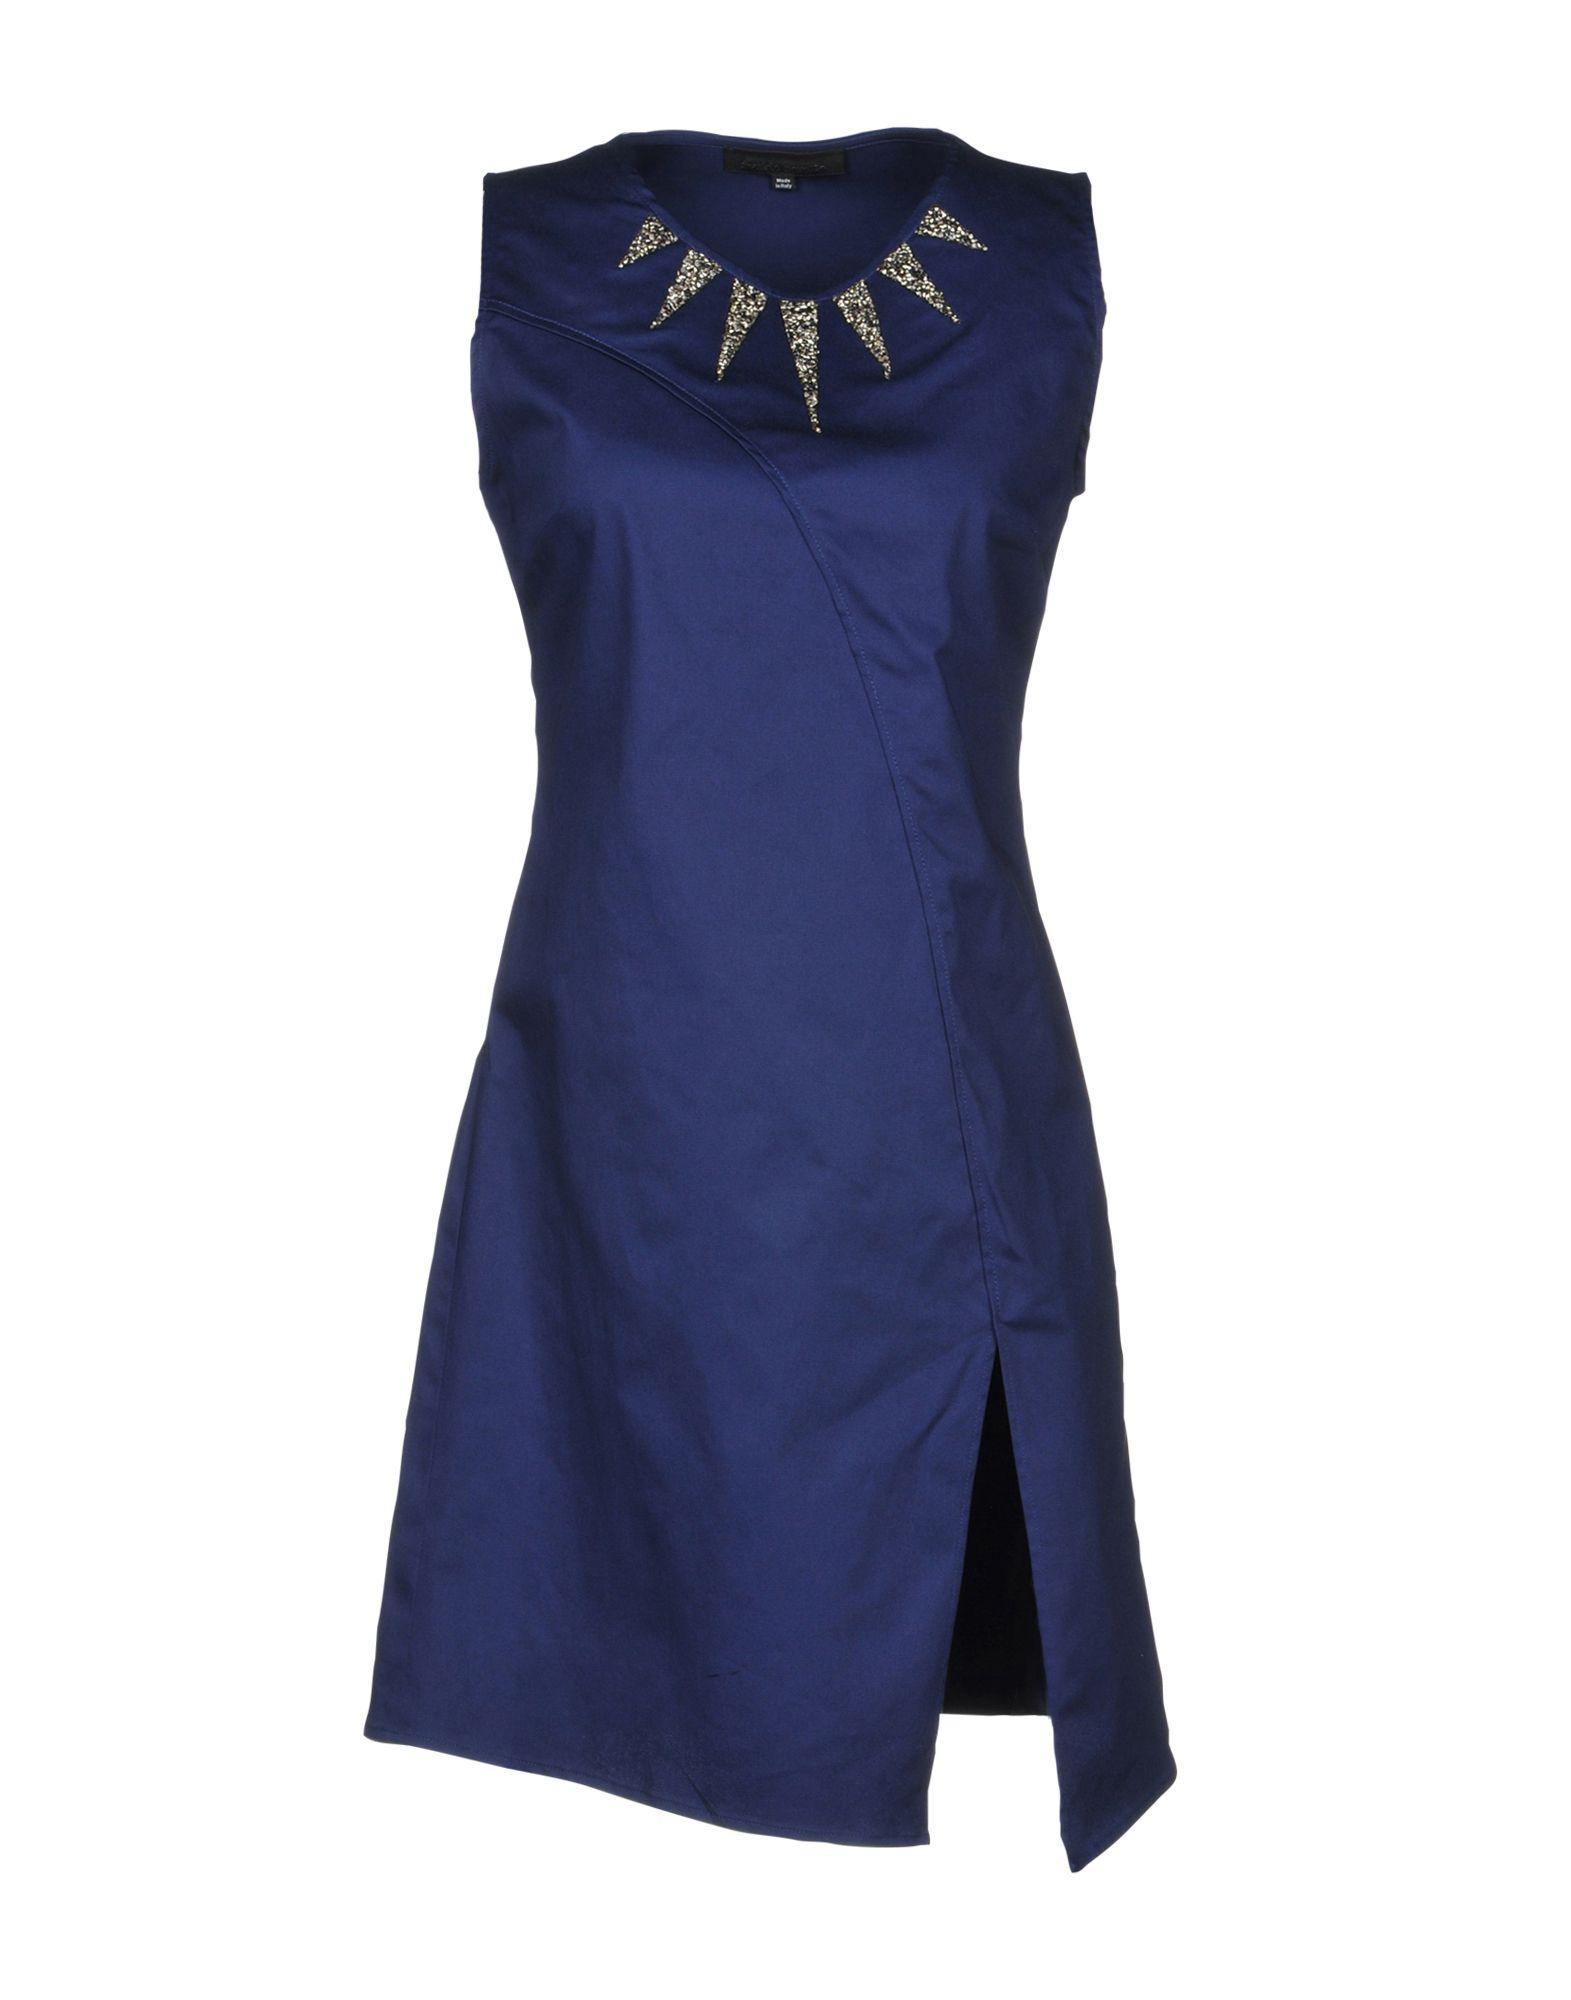 40a12effb5e0c Frankie Morello Short Dress - Women Frankie Morello Short Dresses ...